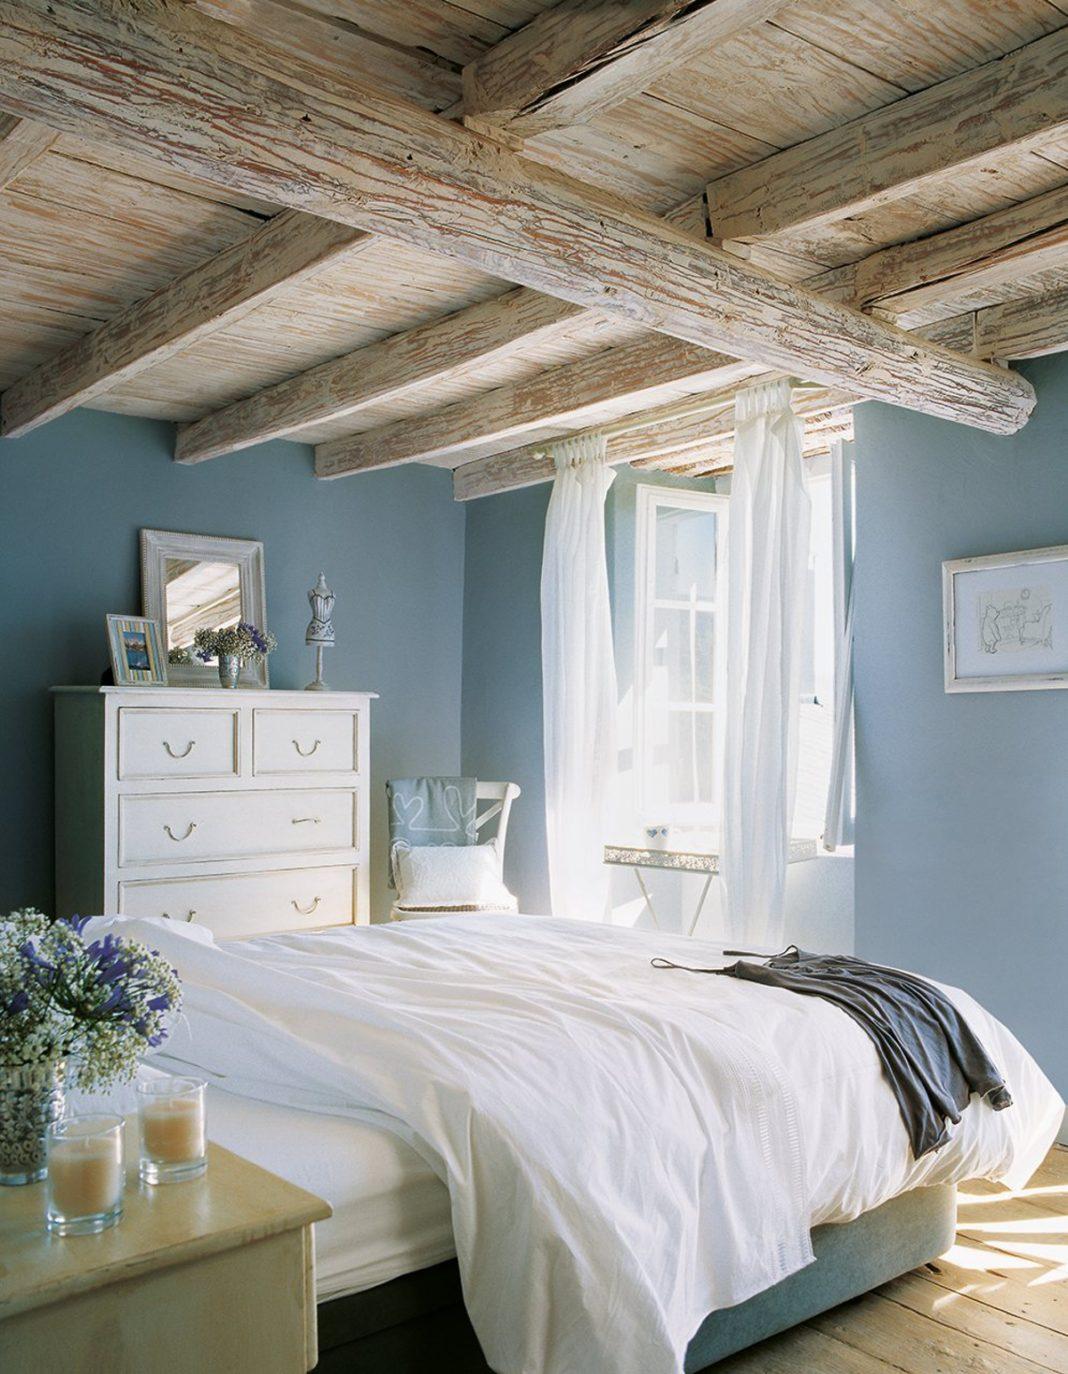 dormitorio para el verano- cortinas livianas